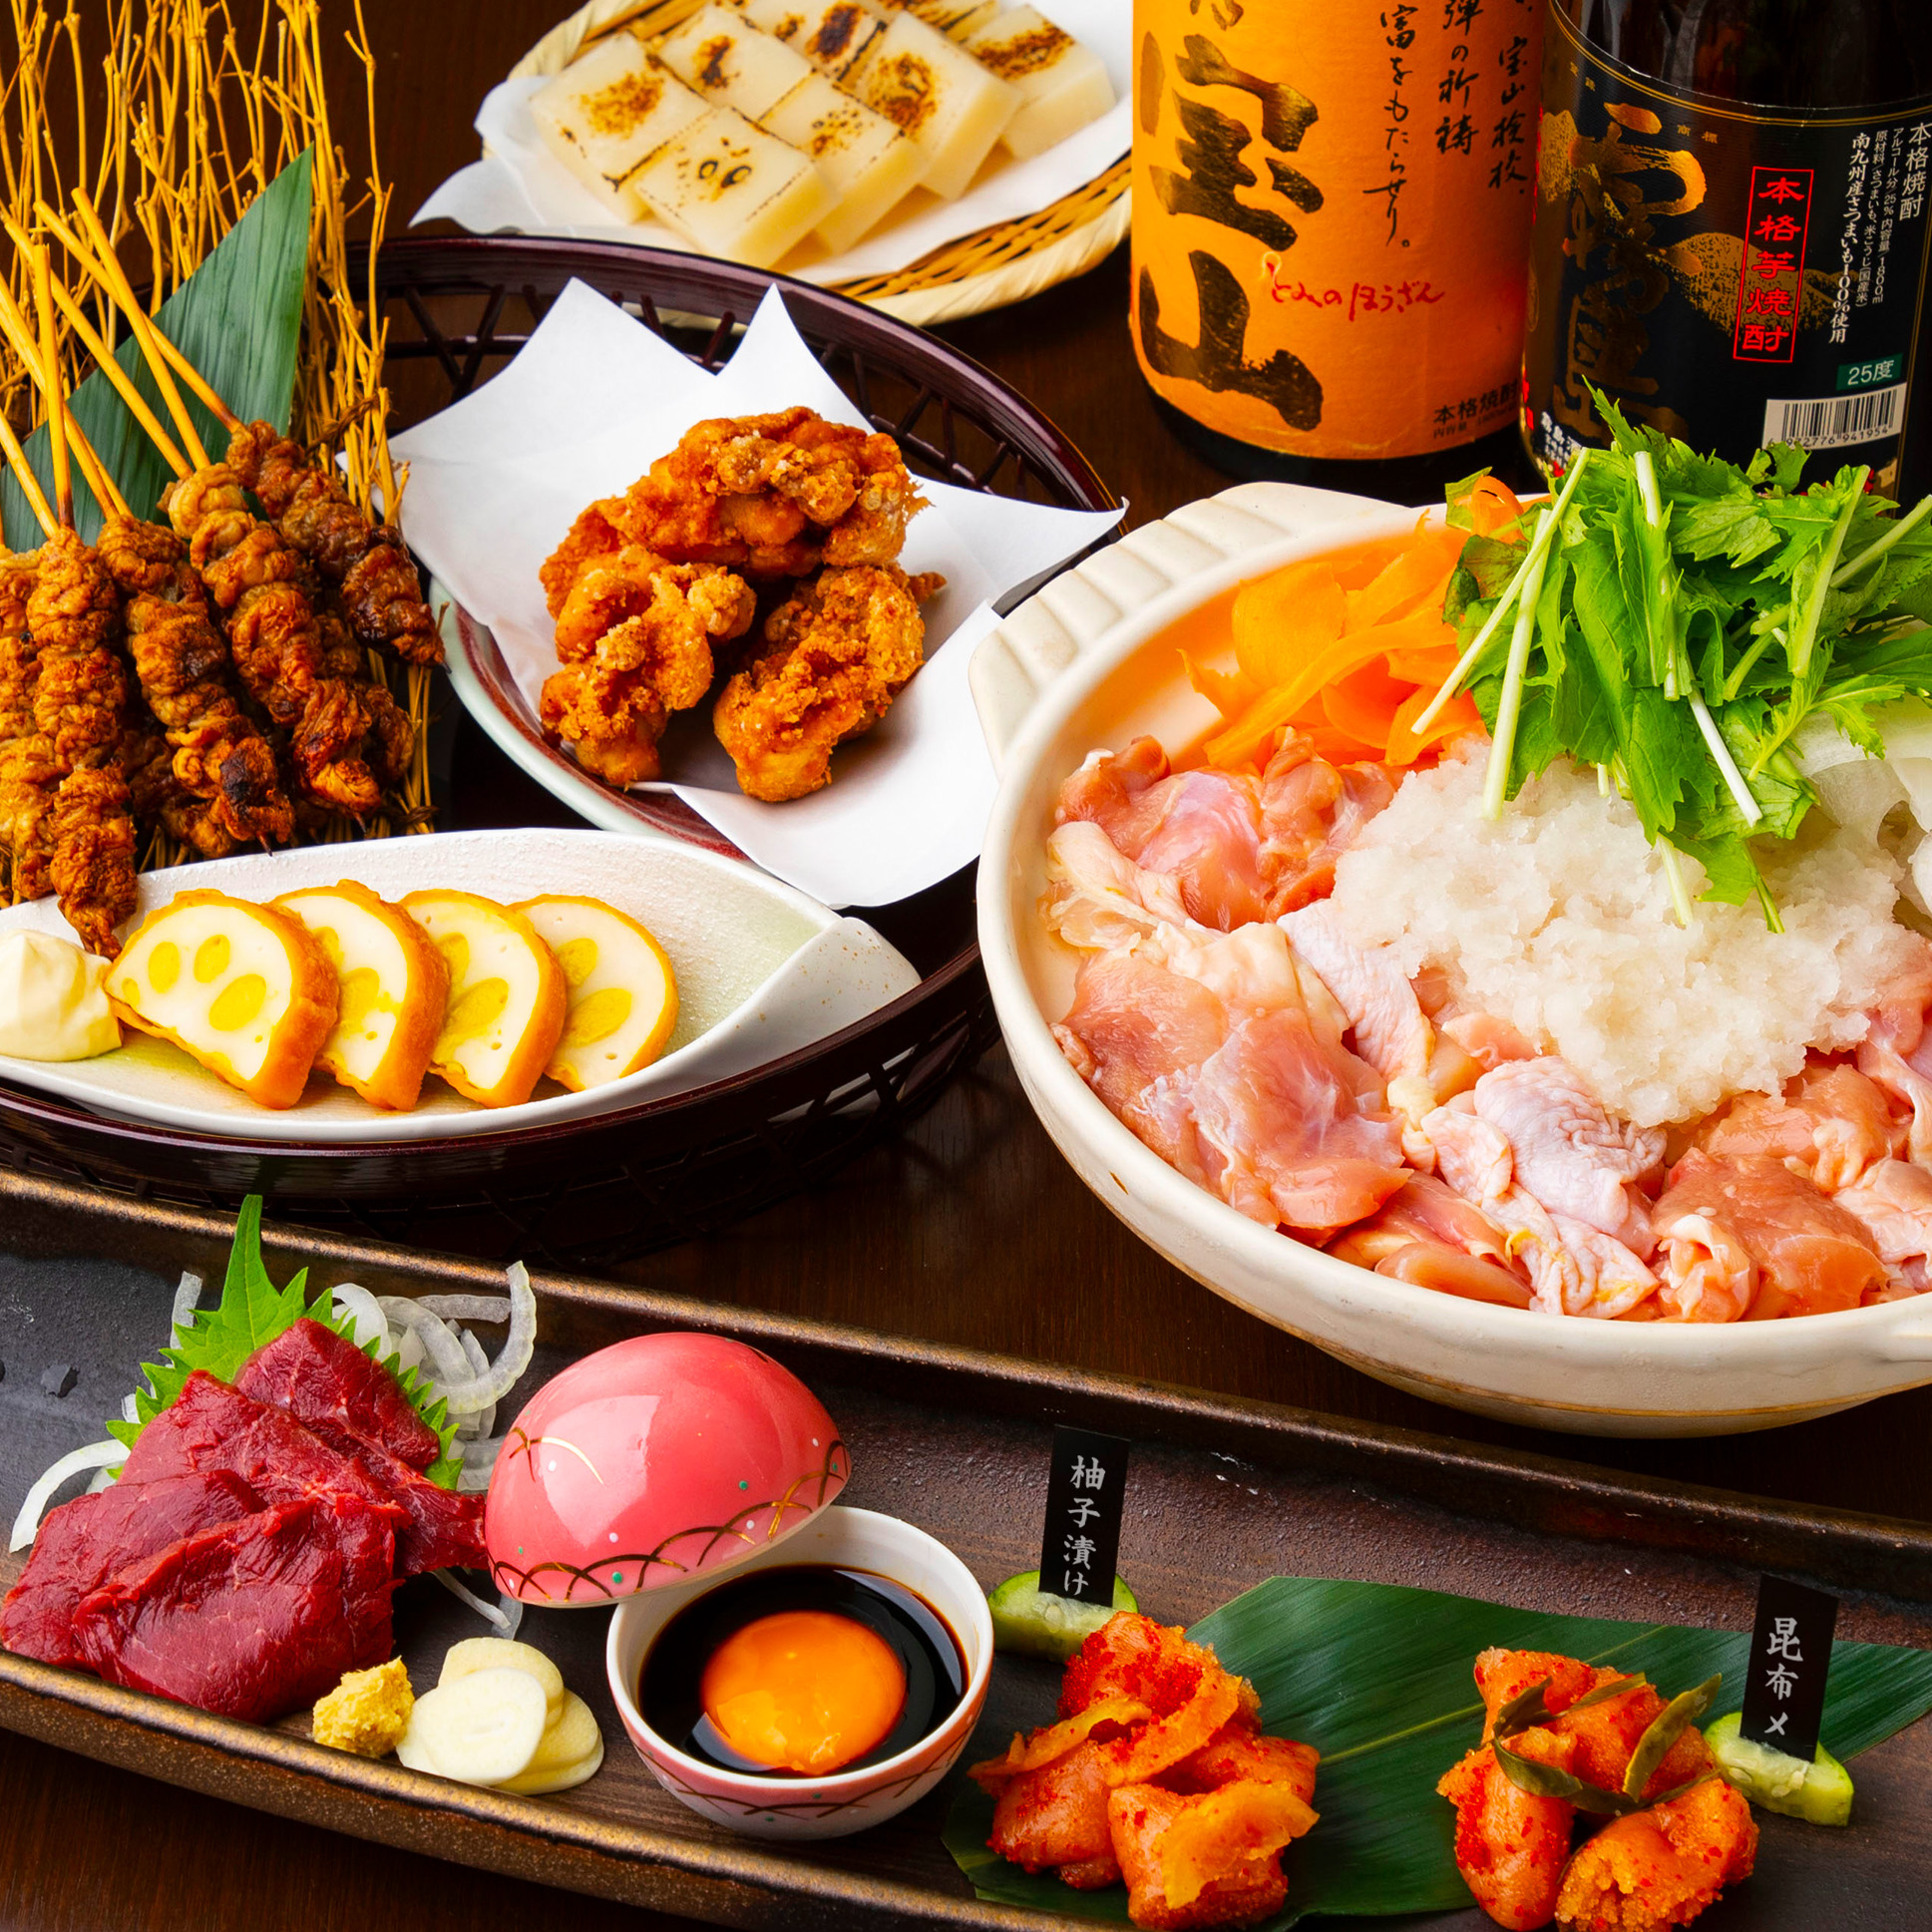 [2時間飲み放題] 馬/かわ串/鍋焼き3500コース7品